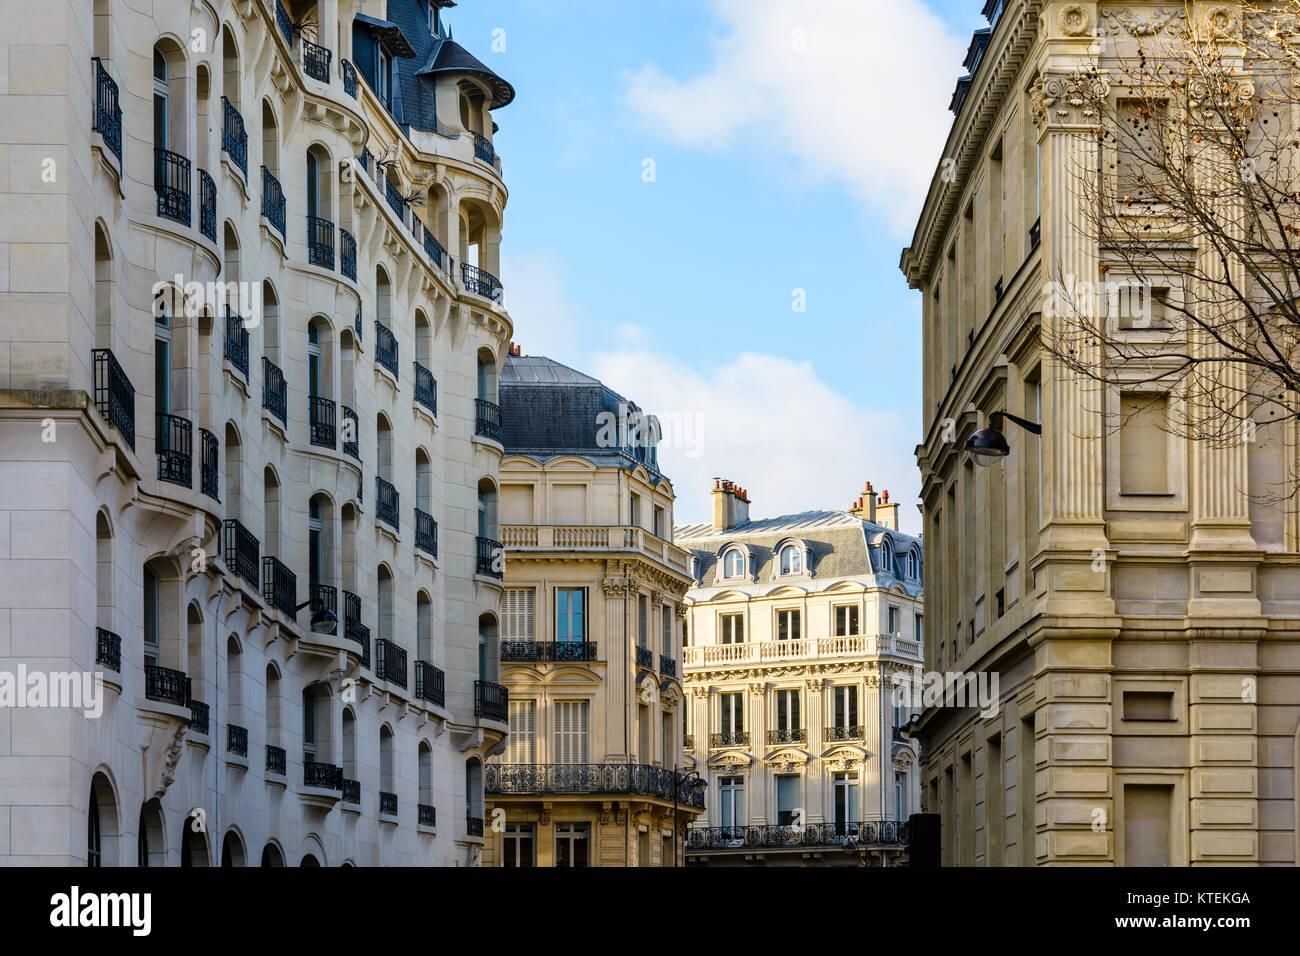 Bâtiments résidentiels typiques de style haussmannien et Art déco dans les quartiers chic de Paris, France, au coucher Banque D'Images